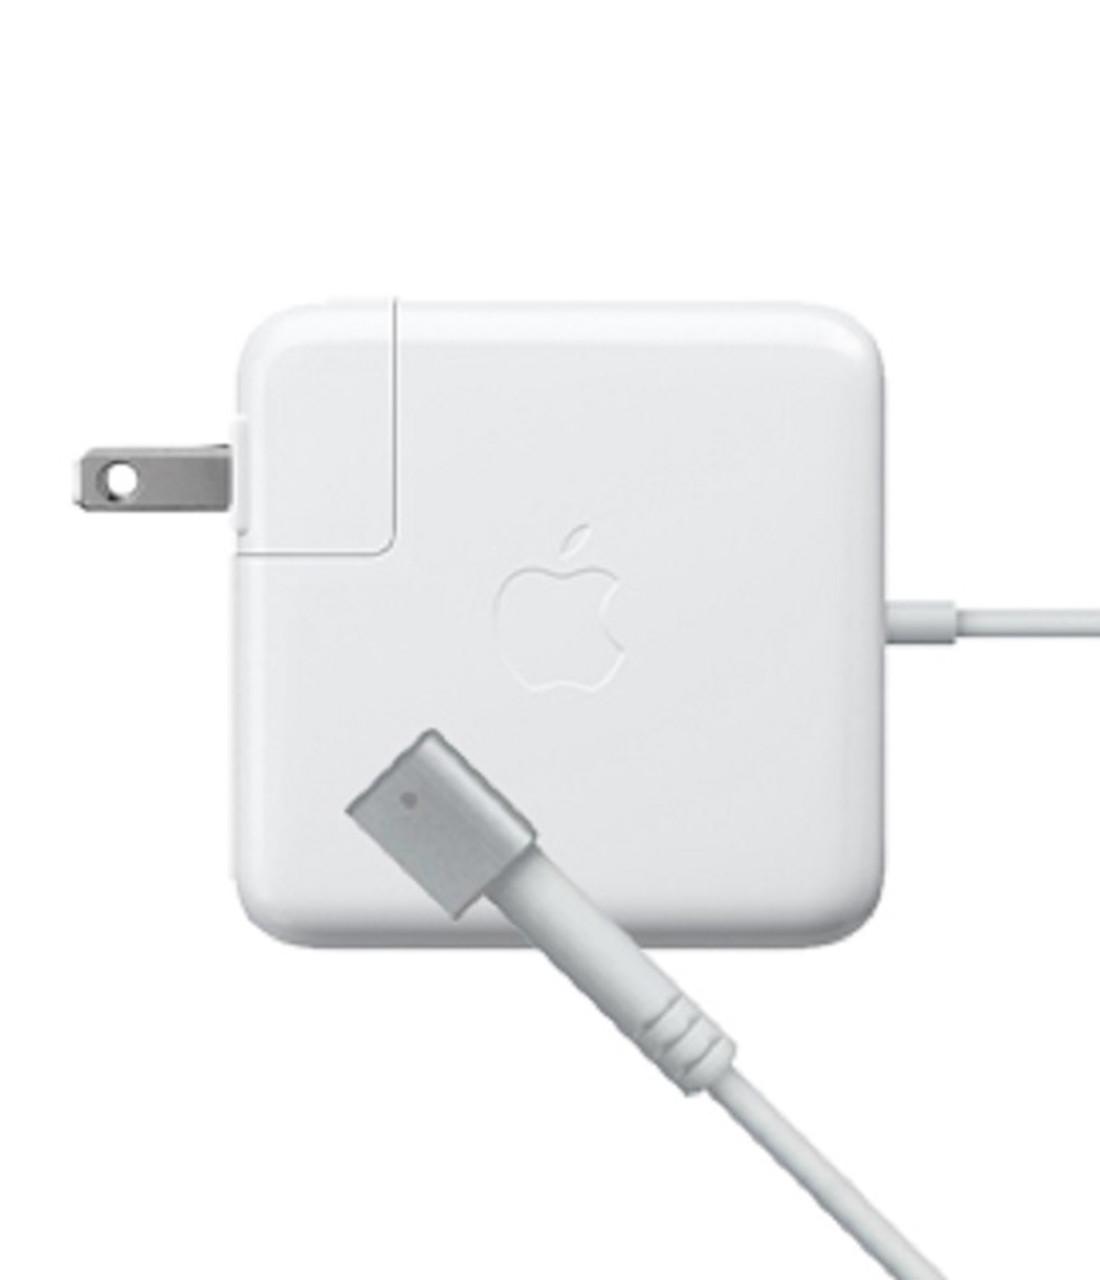 APLMB283LLA,Apple 45W MagSafe Power Adapter